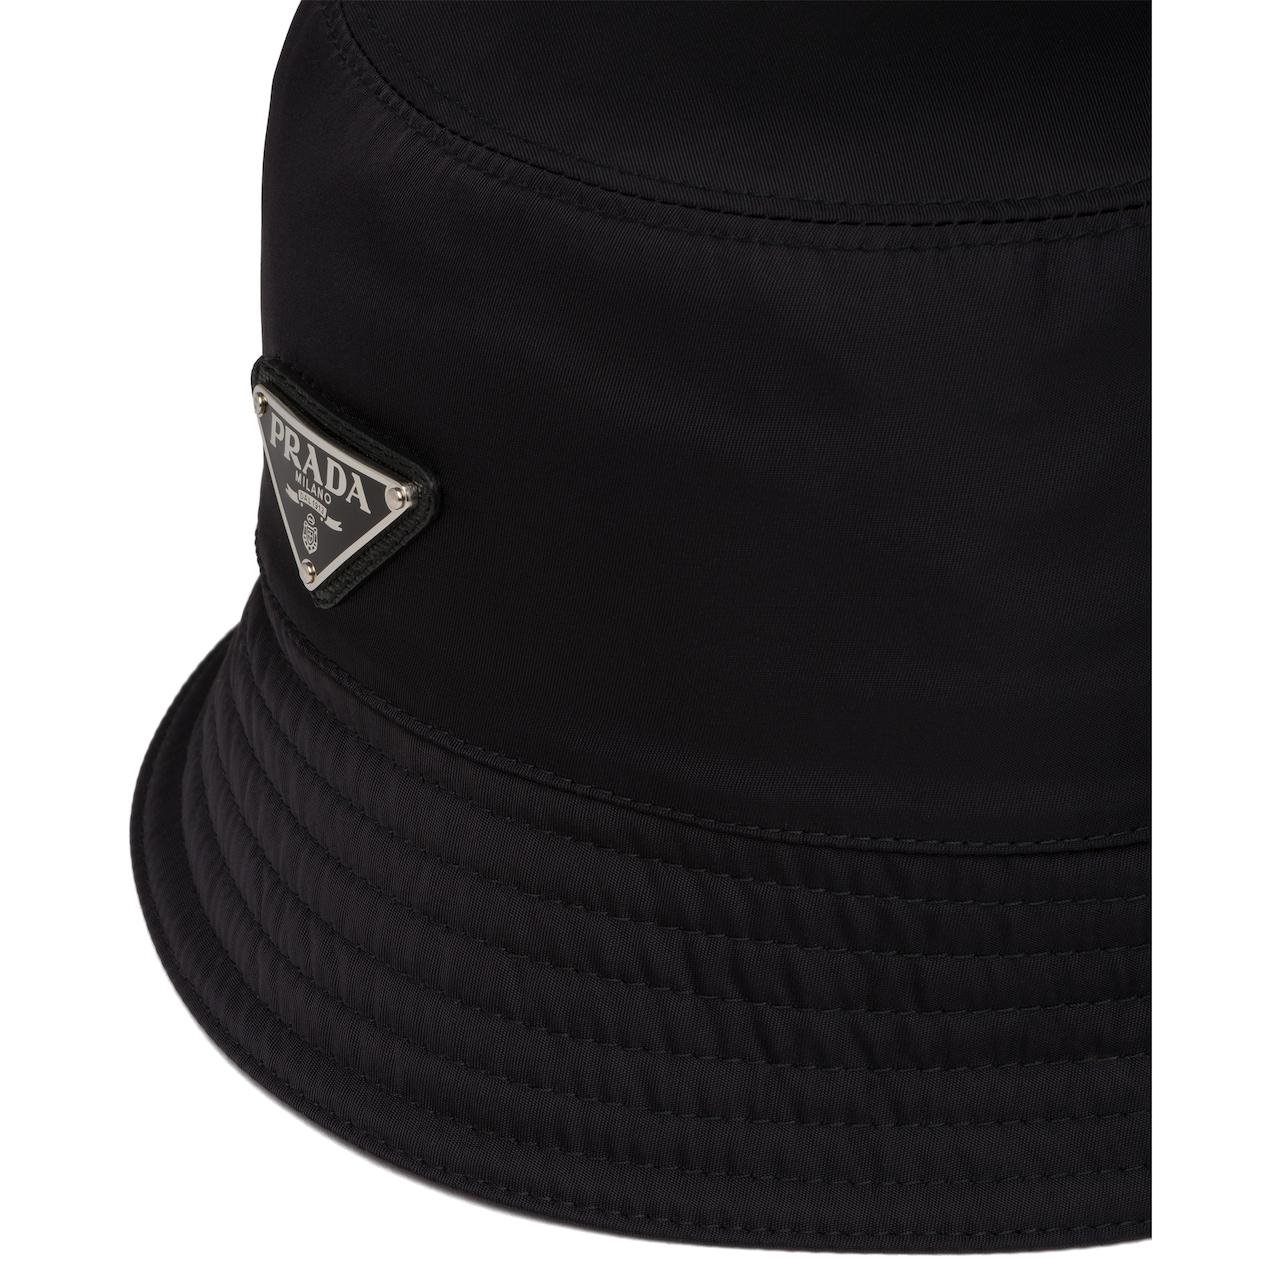 Prada 尼龙渔夫帽 4